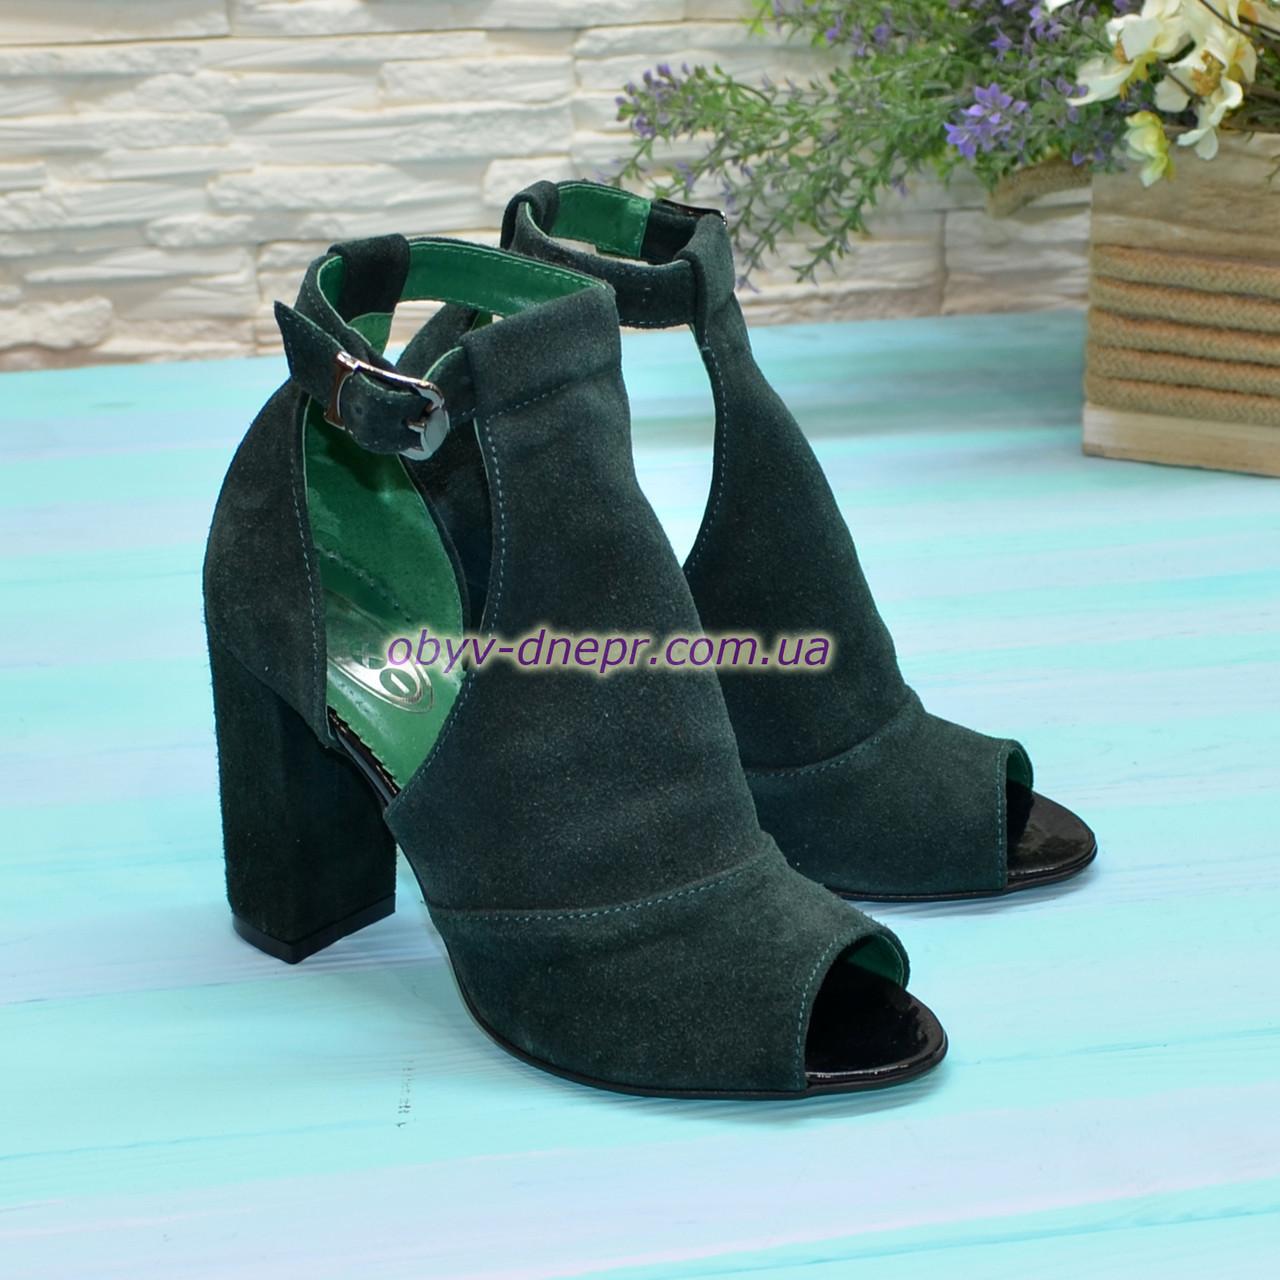 Женские замшевые босоножки на устойчивом каблуке, цвет зеленый. В наличии размеры 37,38